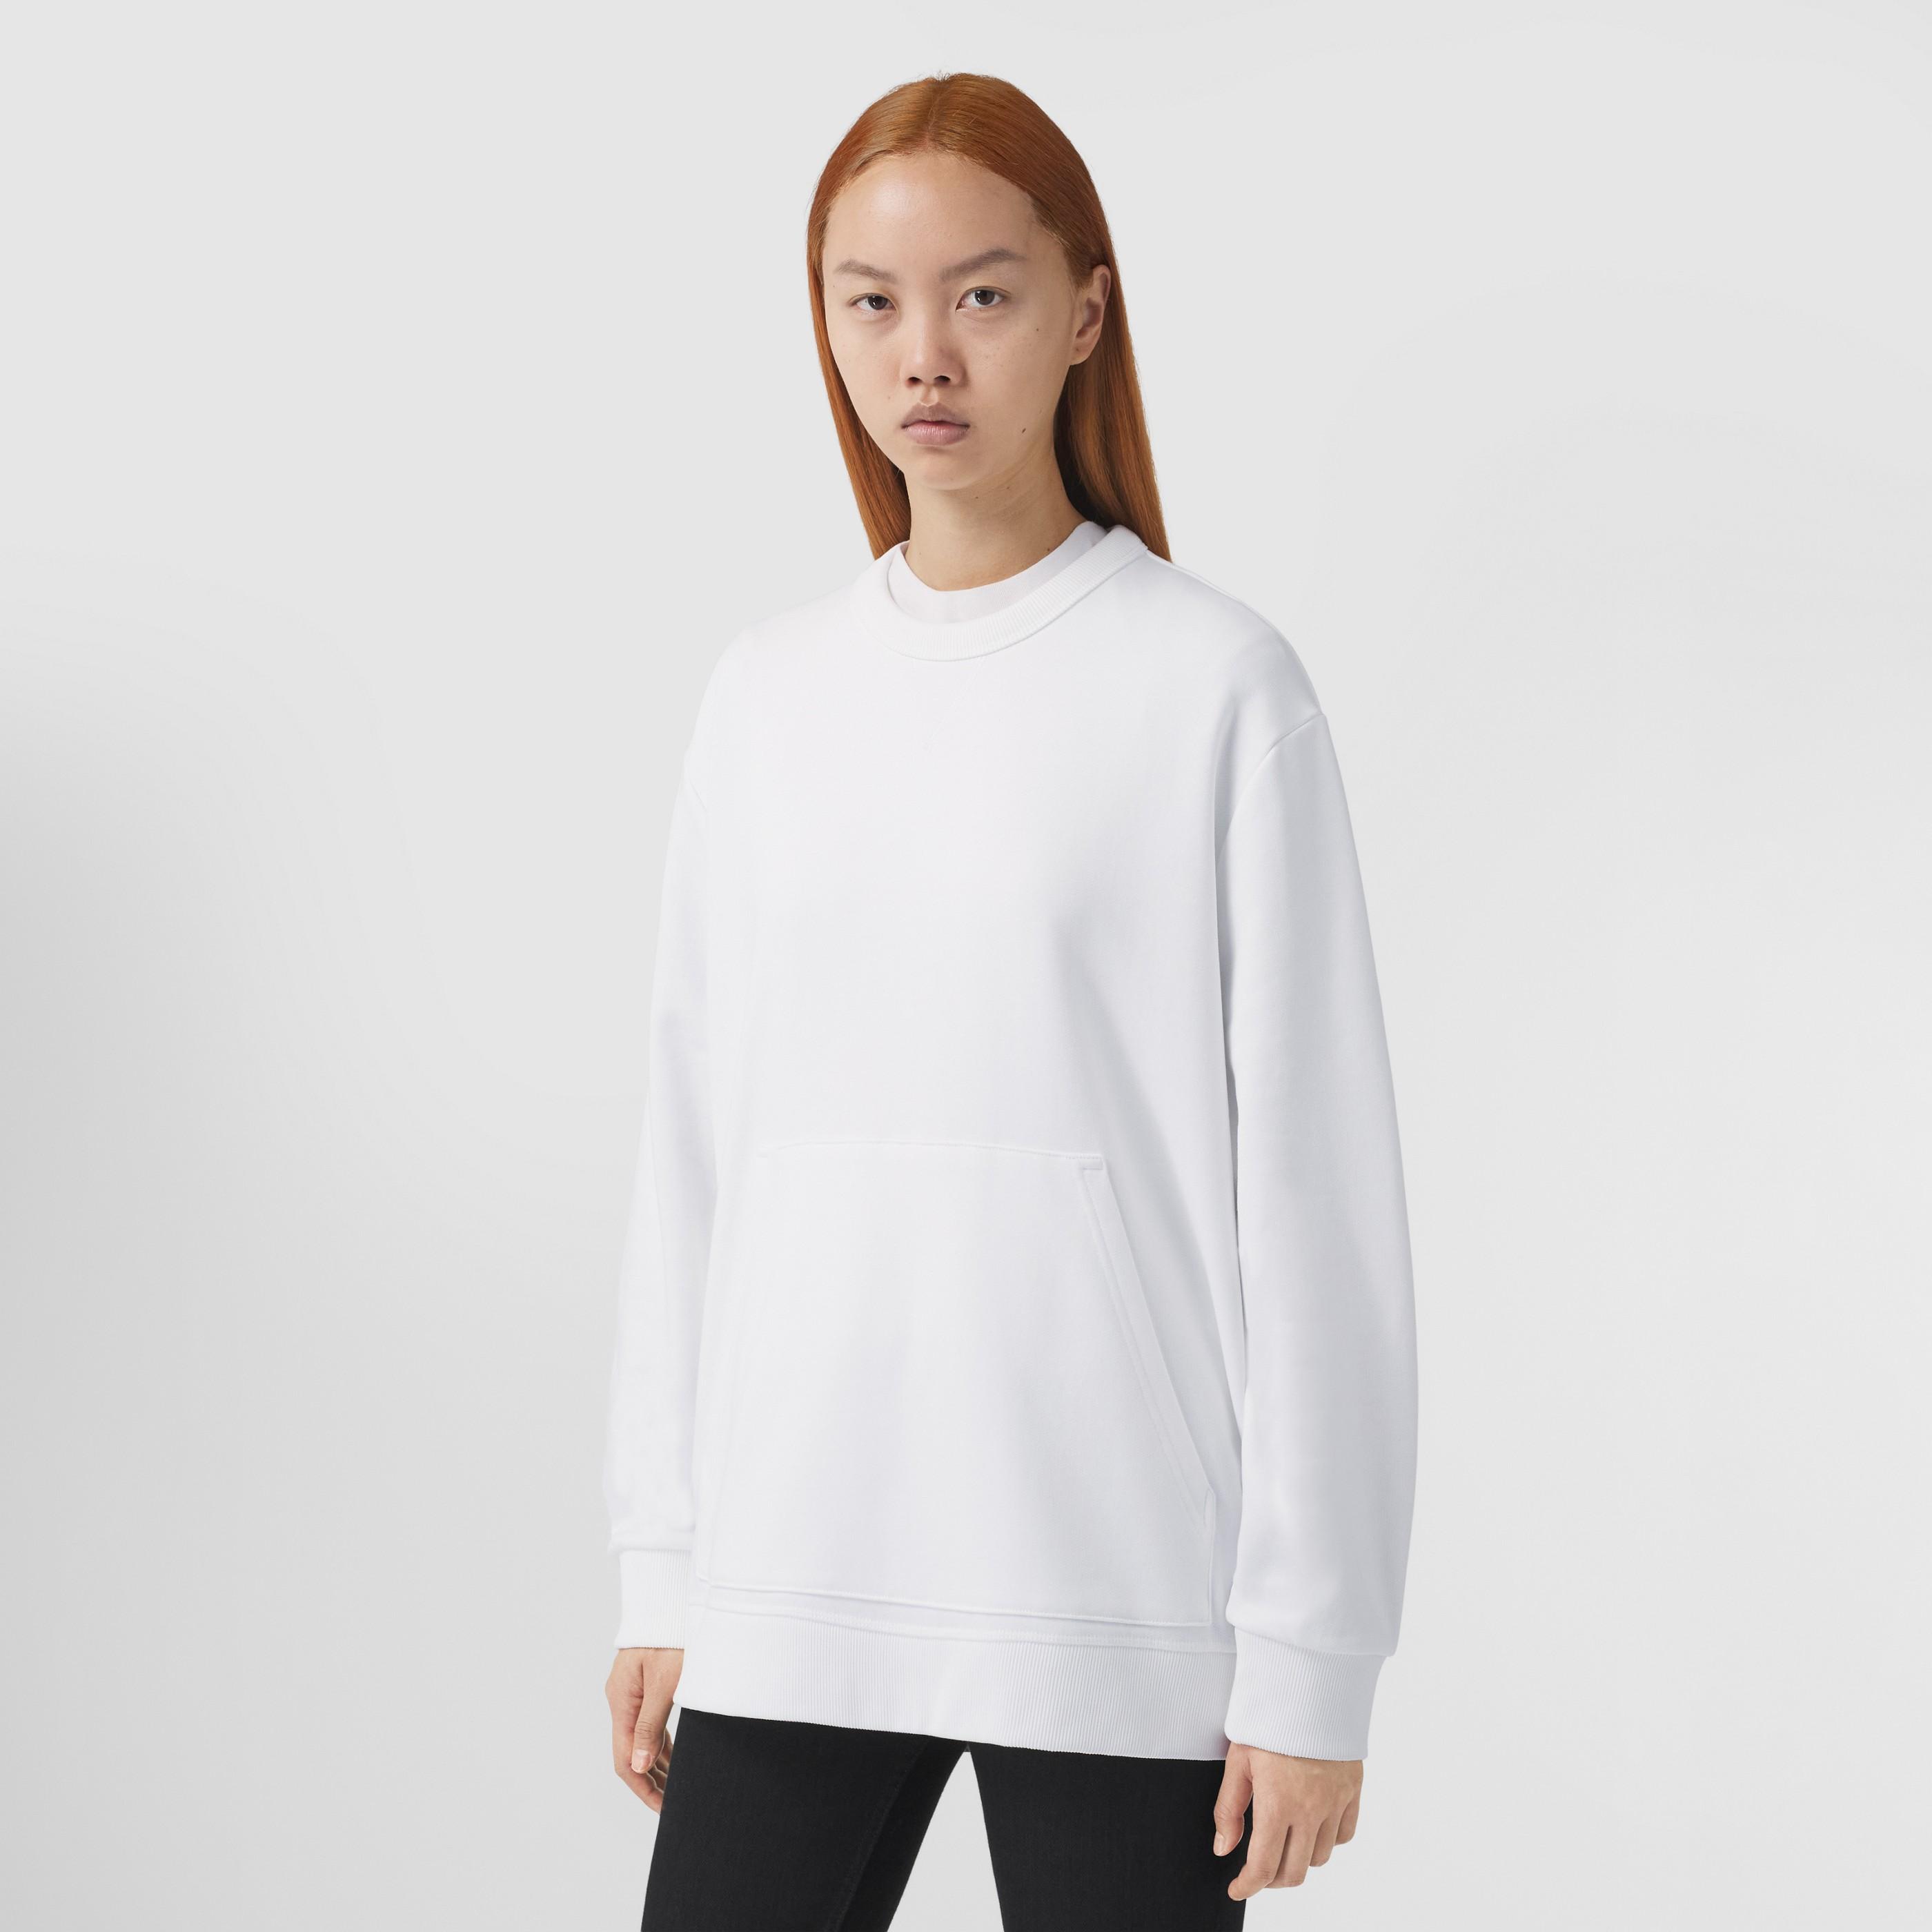 Felpa oversize in cotone con inserti Vintage check (Bianco) - Donna | Burberry - 6